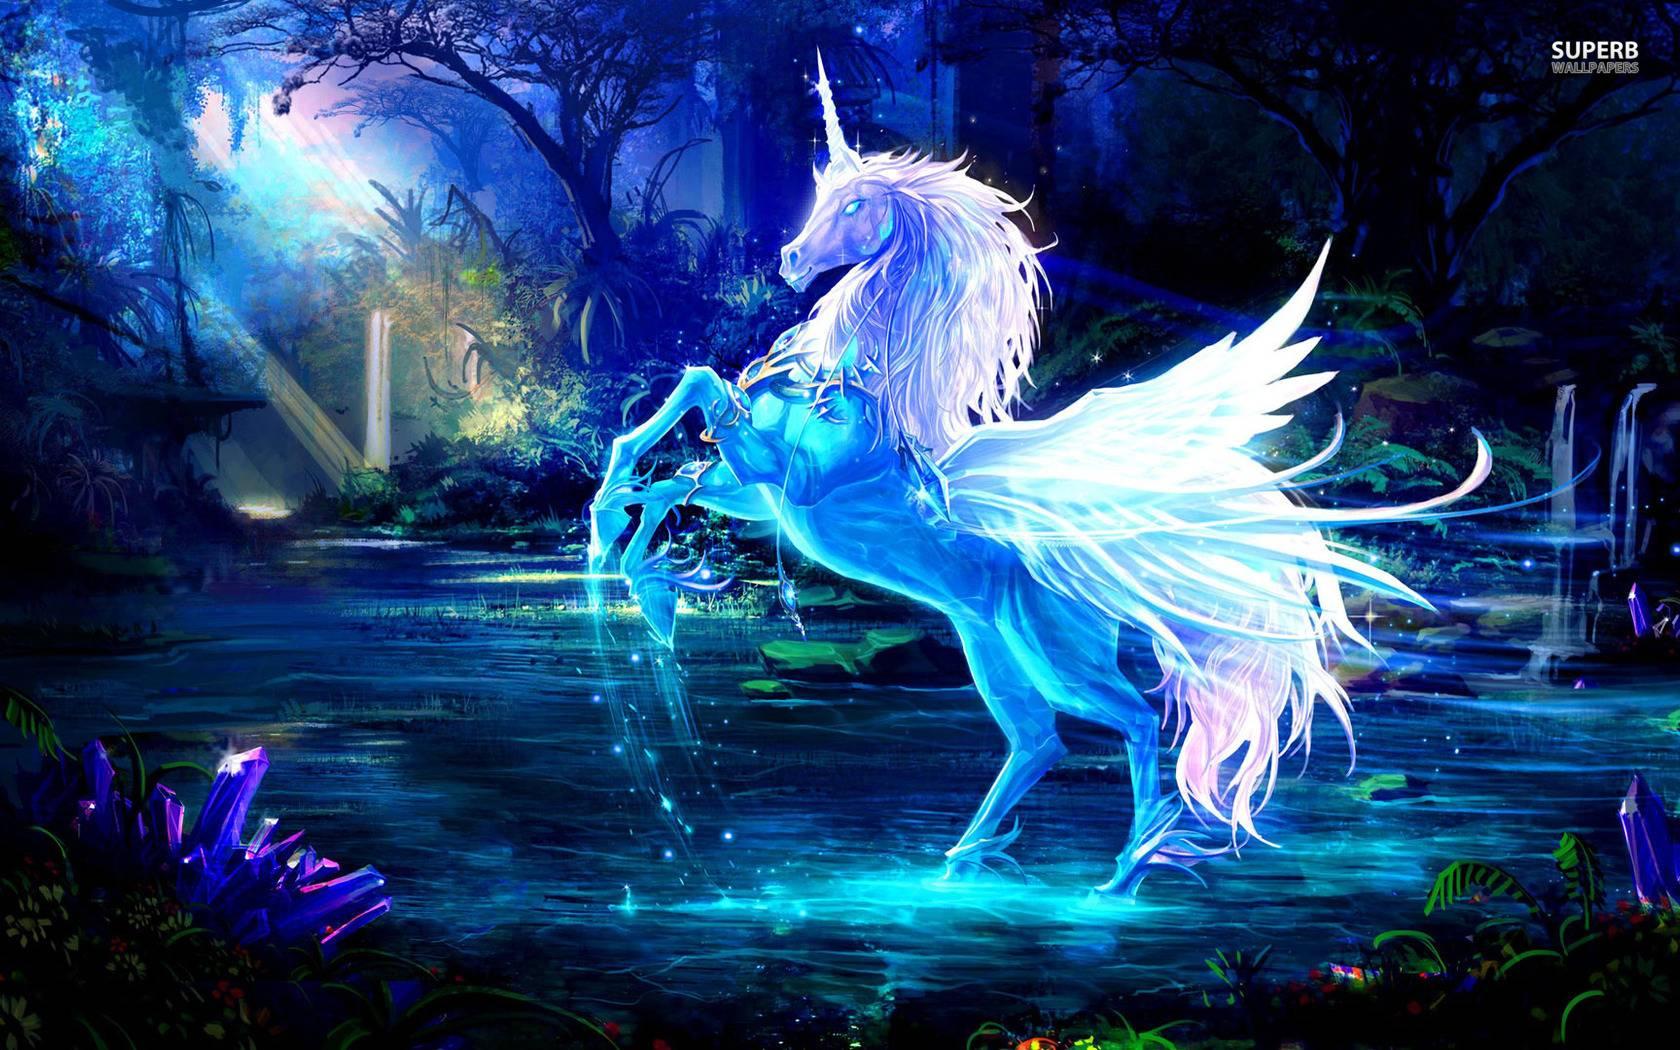 unicorn wallpaper and screensavers wallpapersafari rh wallpapersafari com